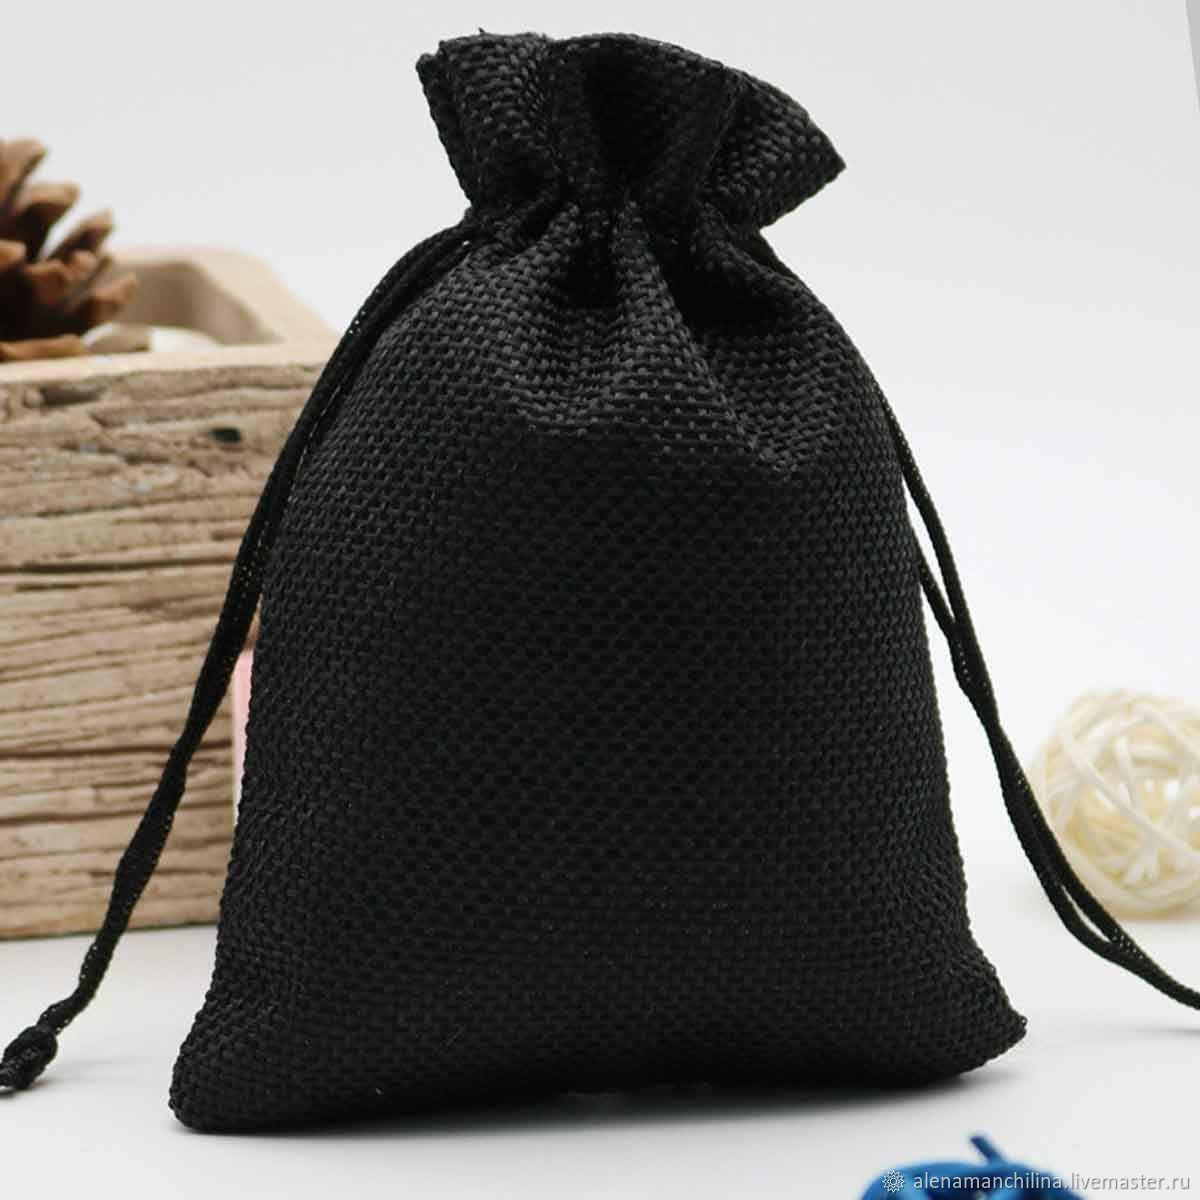 Мешочек 13 х 18 см. джутовый цвет Чёрный – купить на Ярмарке Мастеров – MK6Z0RU | Мешочки, Вольск